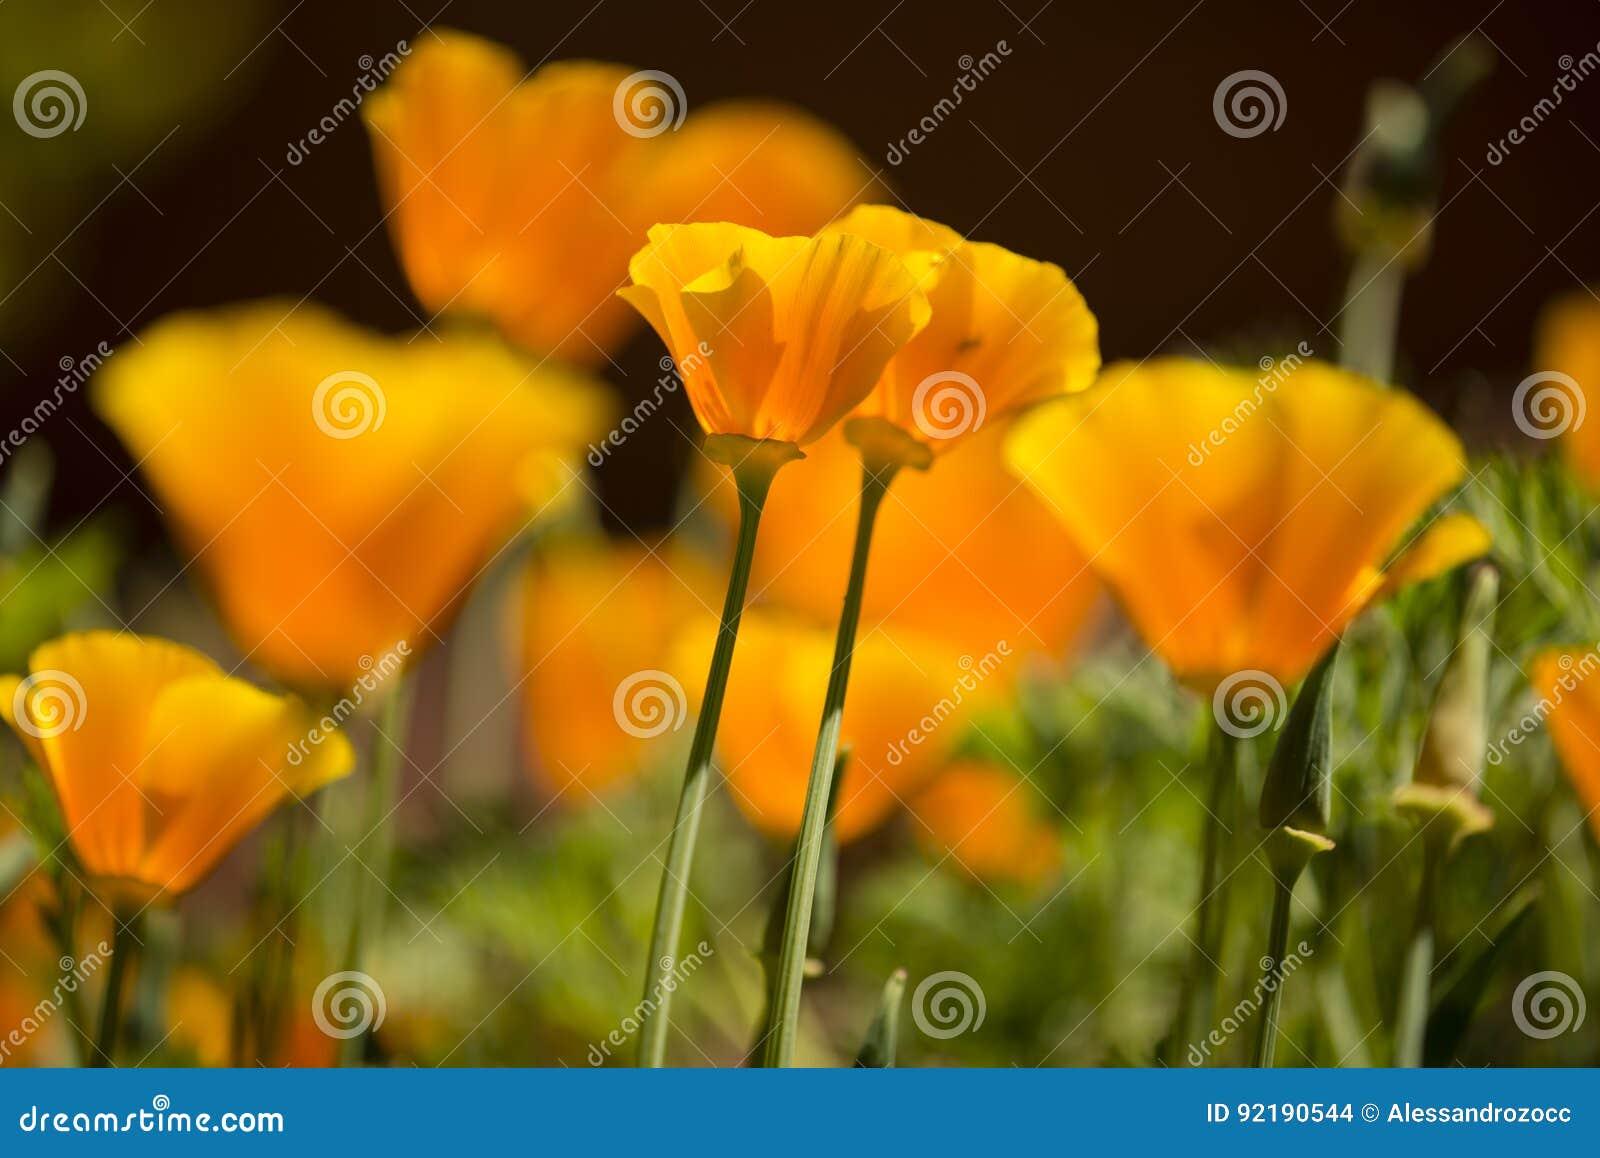 California Golden poppy flowers